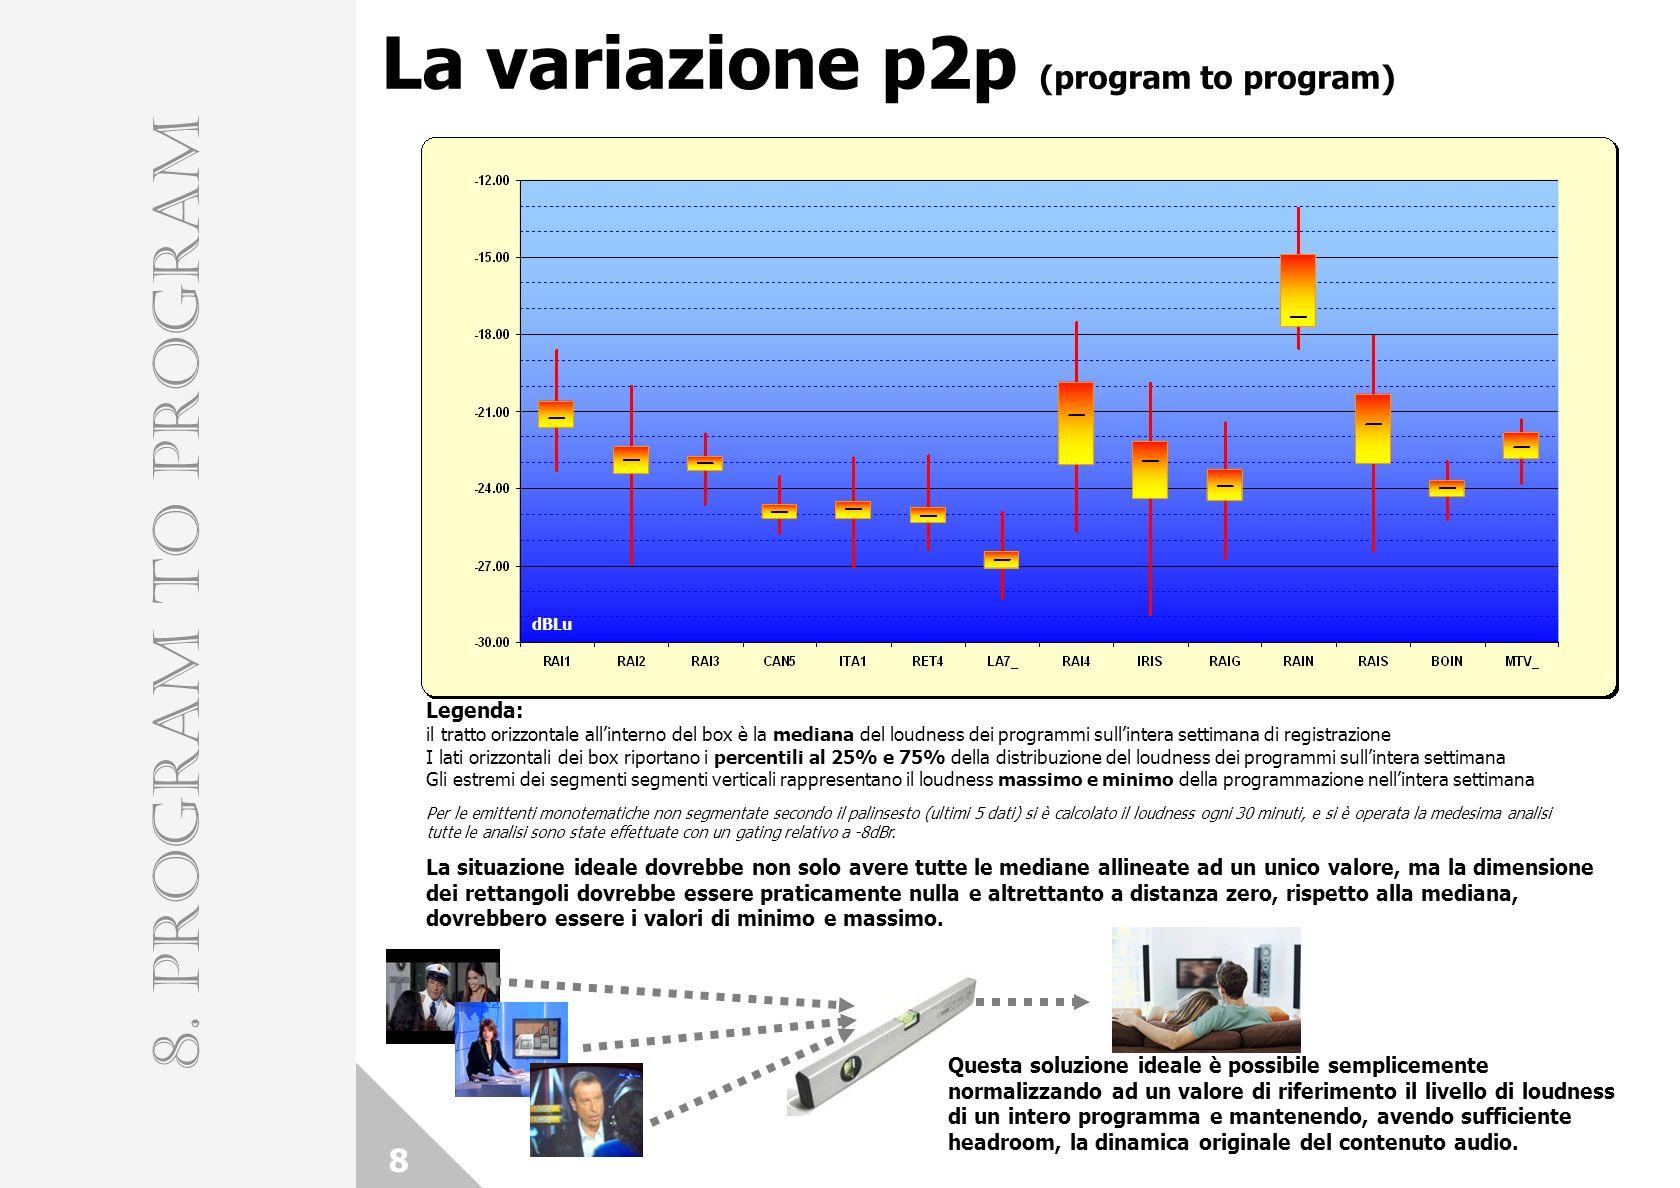 La variazione p2p (program to program) 8 8. PROGRAM TO PROGRAM Legenda: il tratto orizzontale allinterno del box è la mediana del loudness dei program